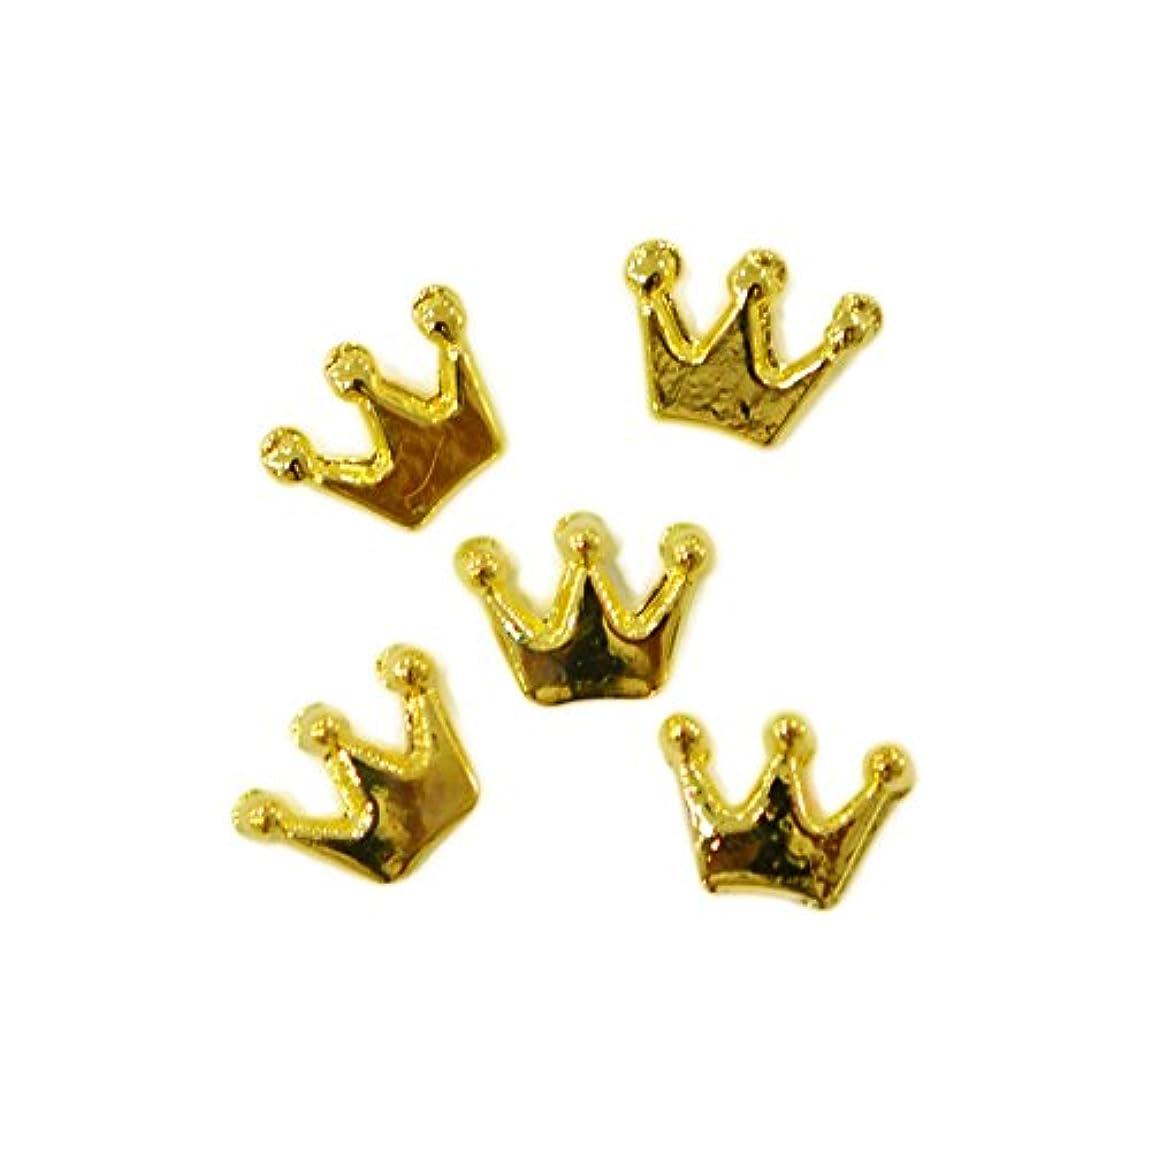 考慮ナプキン州メタルパーツ crown 6mm×4mm ゴールド 5個 MP10158 王冠